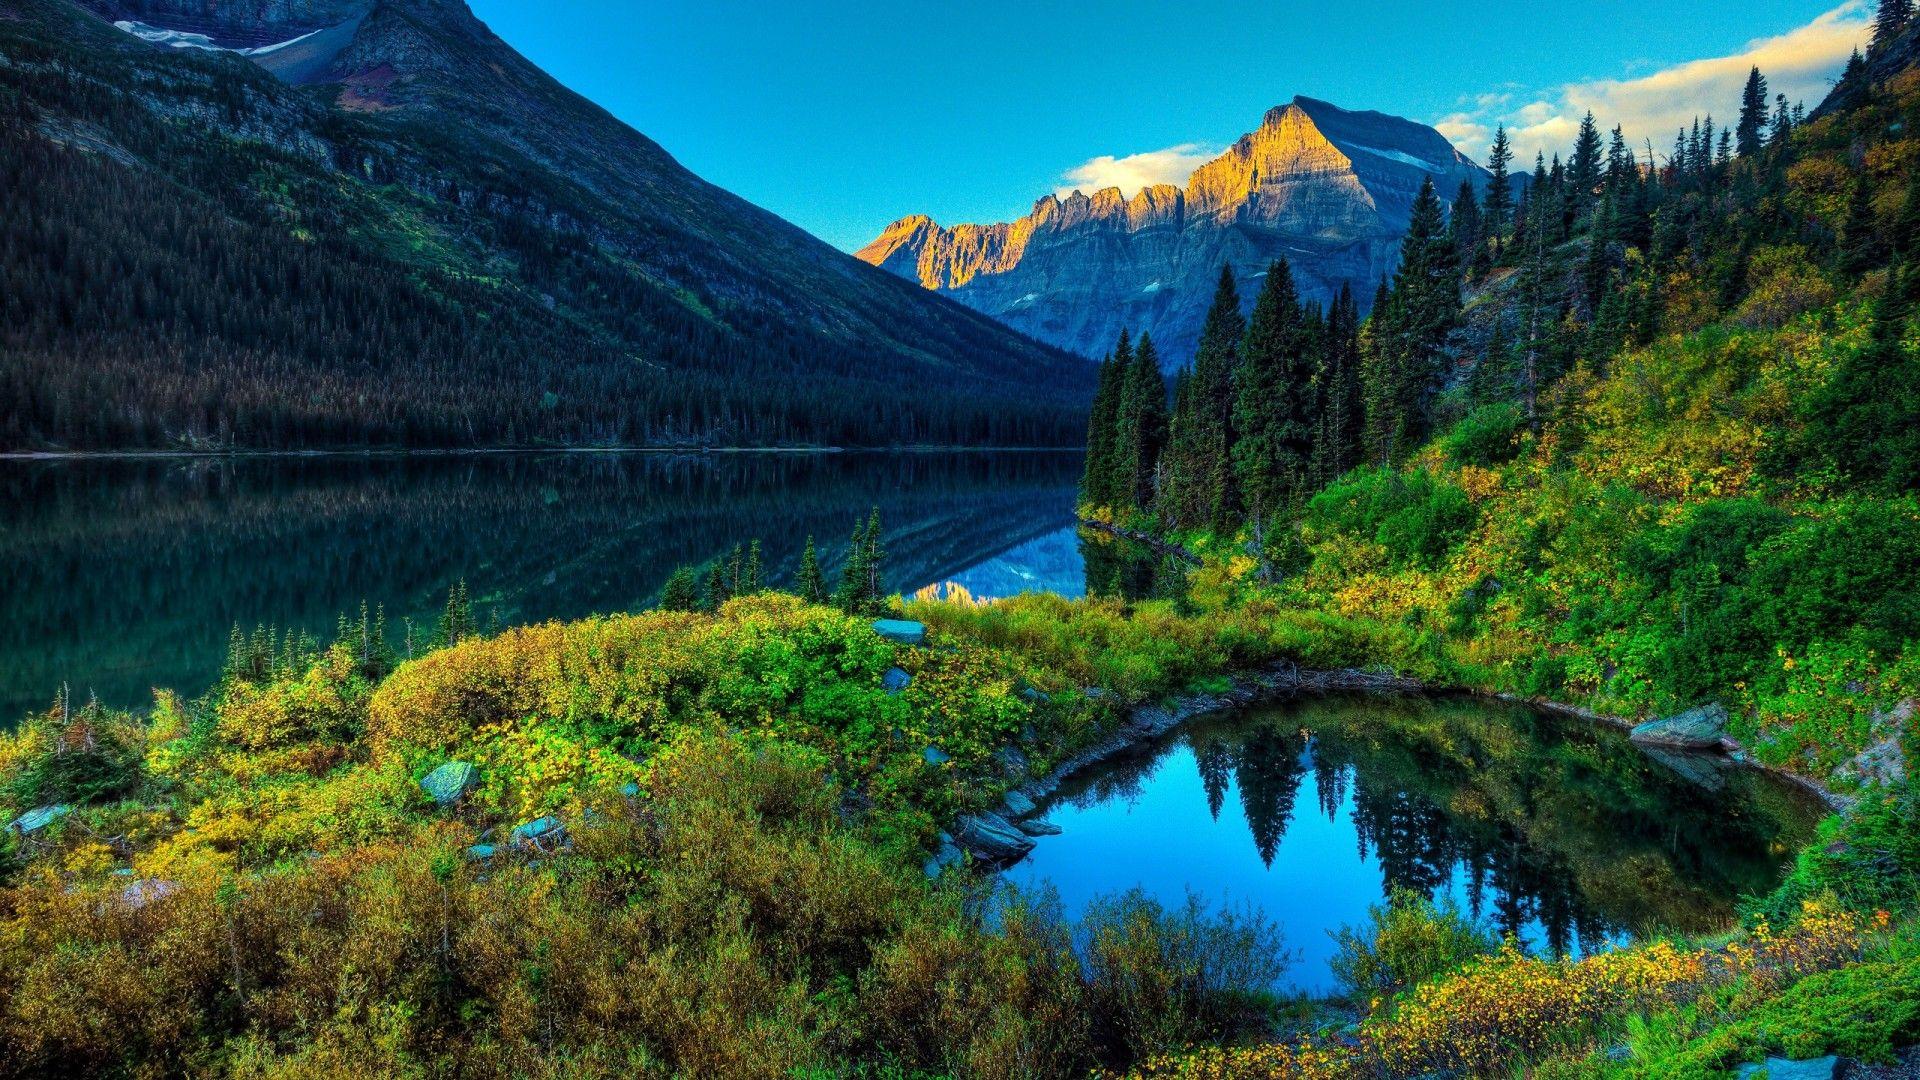 Fondos De Escritorio Paisajes Forest Grass Green Lake Paisaje Mountains Nature 1080x1920 Jpg Fondos De Escritorio Fondos De Pantalla Hd Fondos De Escritorio Hd